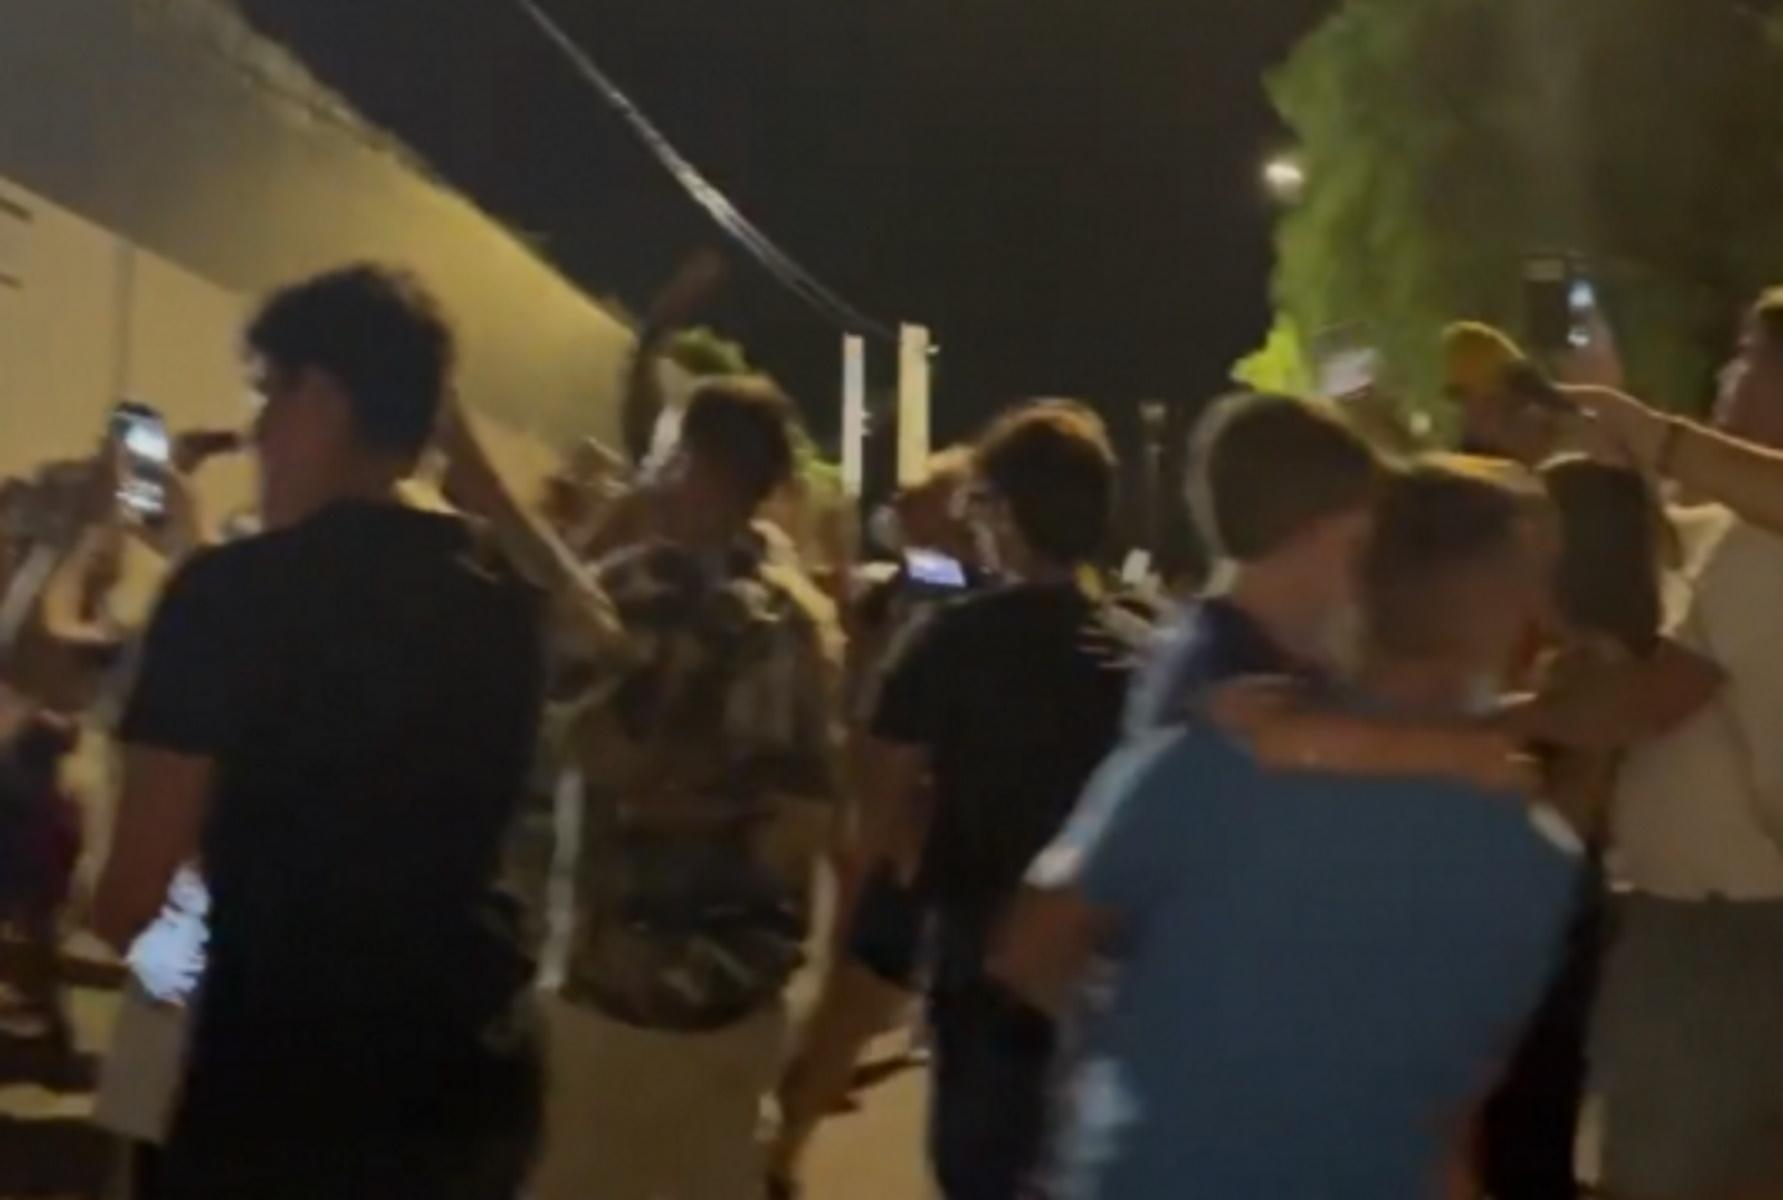 Μέσι: «Διαδήλωση» οπαδών της Μπαρτσελόνα έξω από το σπίτι του Αργεντινού του ζήτησαν να μη φύγει